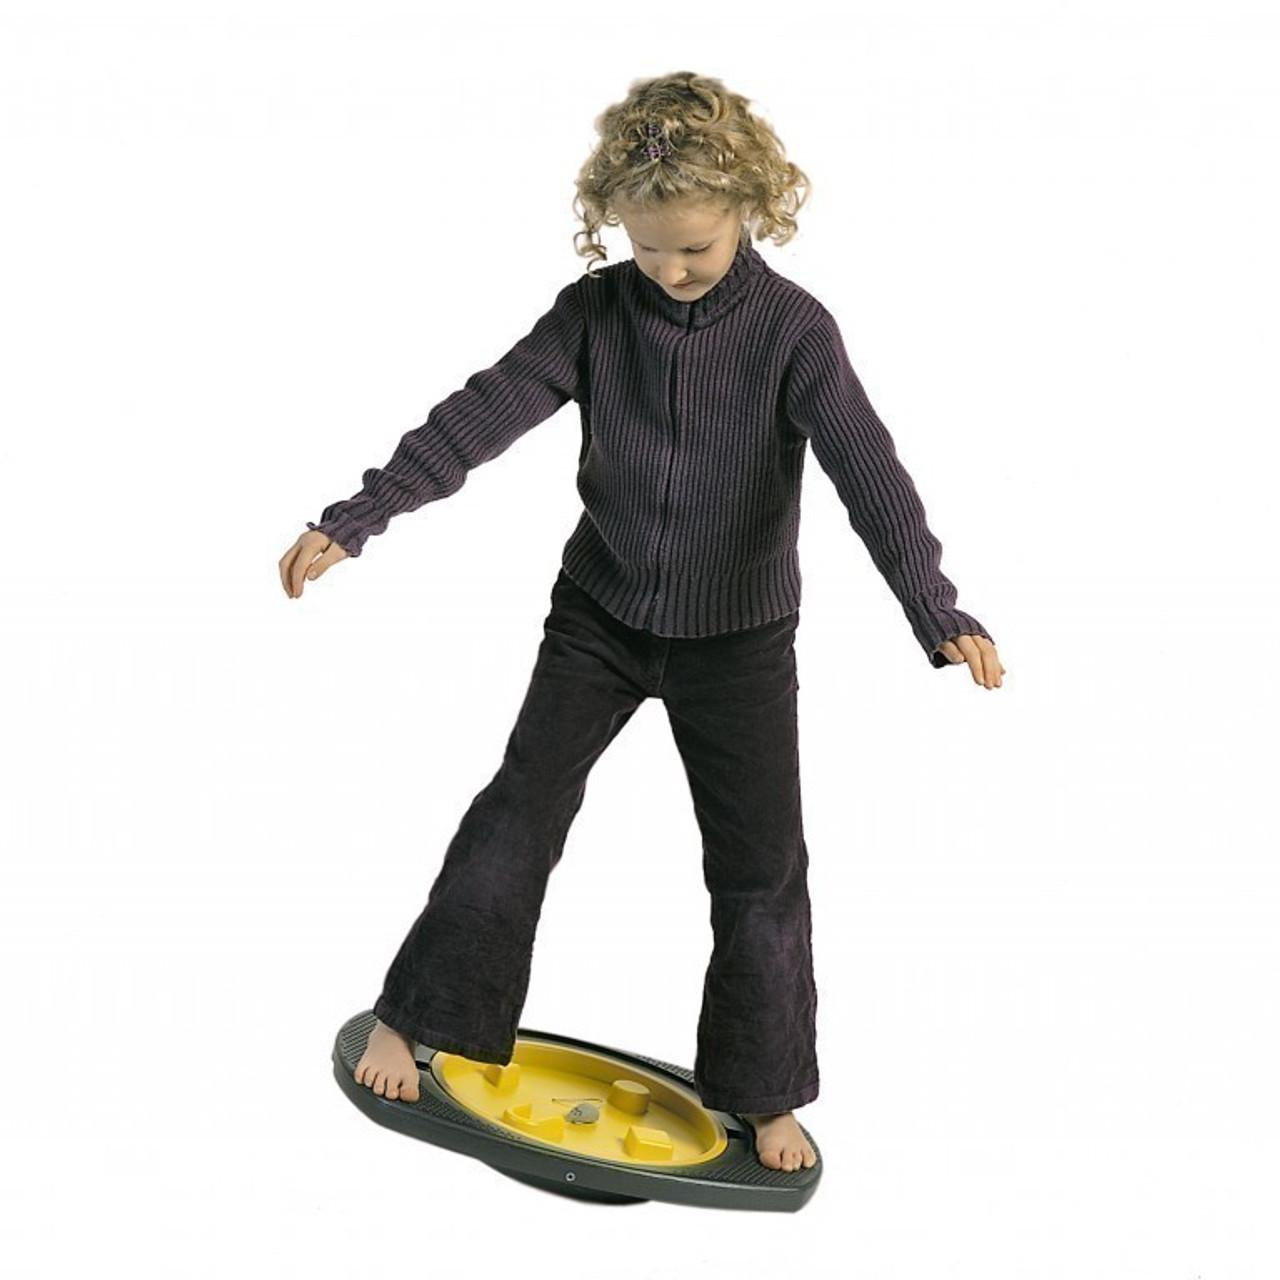 balanco set 1 maus spiel f r kinder ab 3 jahren f r jugendliche und erwachsene bis 120 kg. Black Bedroom Furniture Sets. Home Design Ideas